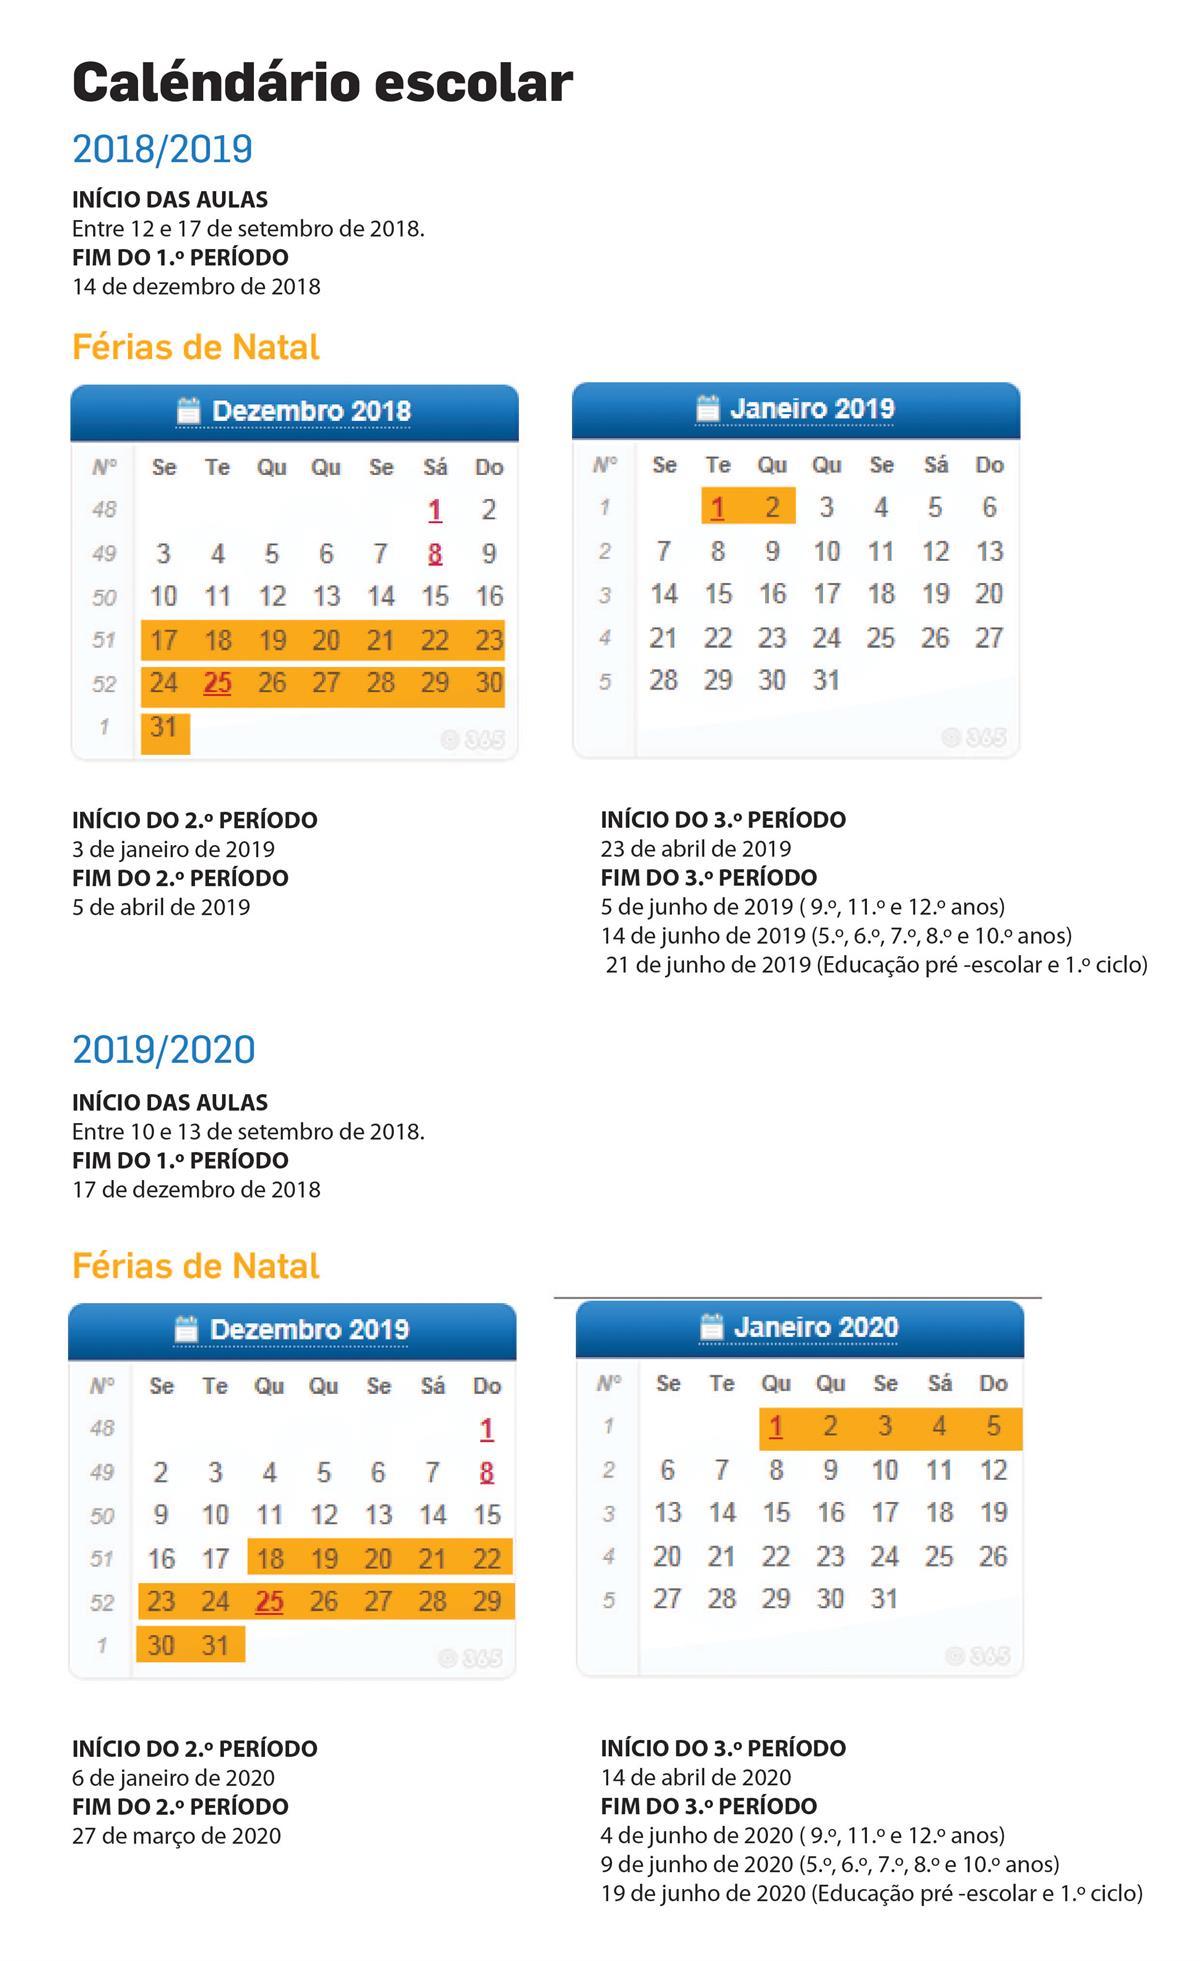 Calendario Dezembro 2019 Janeiro 2020.Calendario Escolar 2019 2020 Mais Um Dia De Ferias No Natal